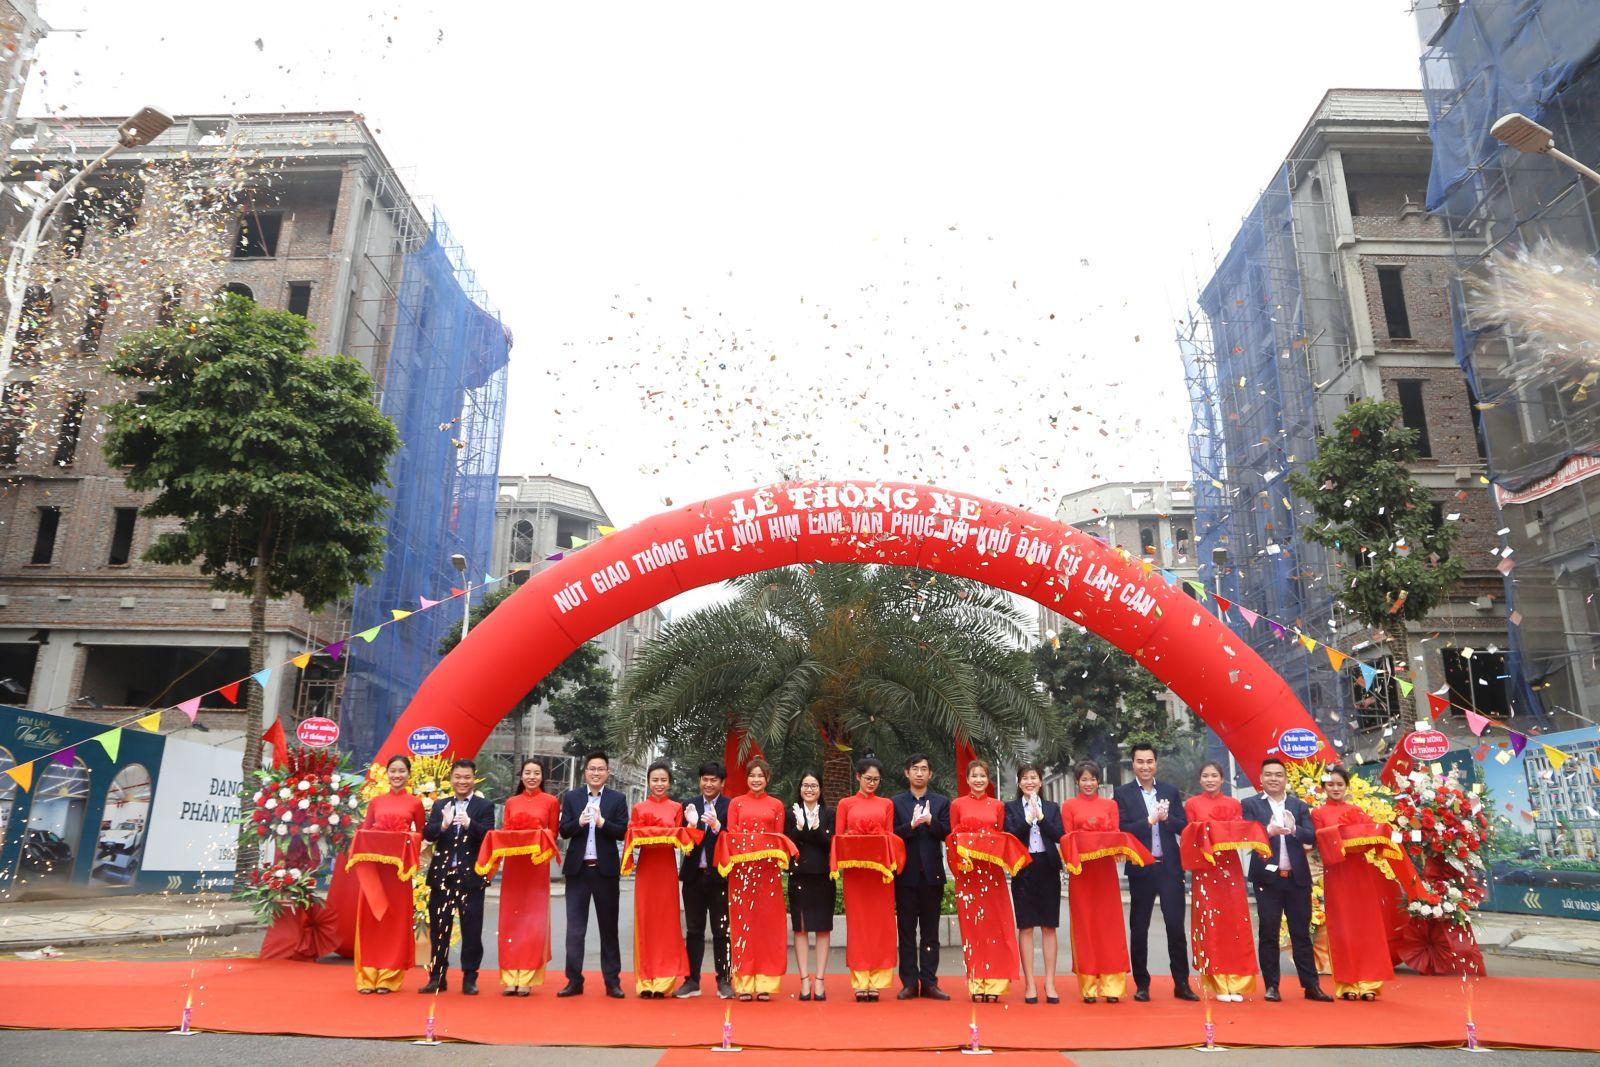 Lễ thông xe nút giao thông kết nối Him Lam Vạn Phúc với khu dân cư lân cận đã diễn ra vào sáng ngày 18/3